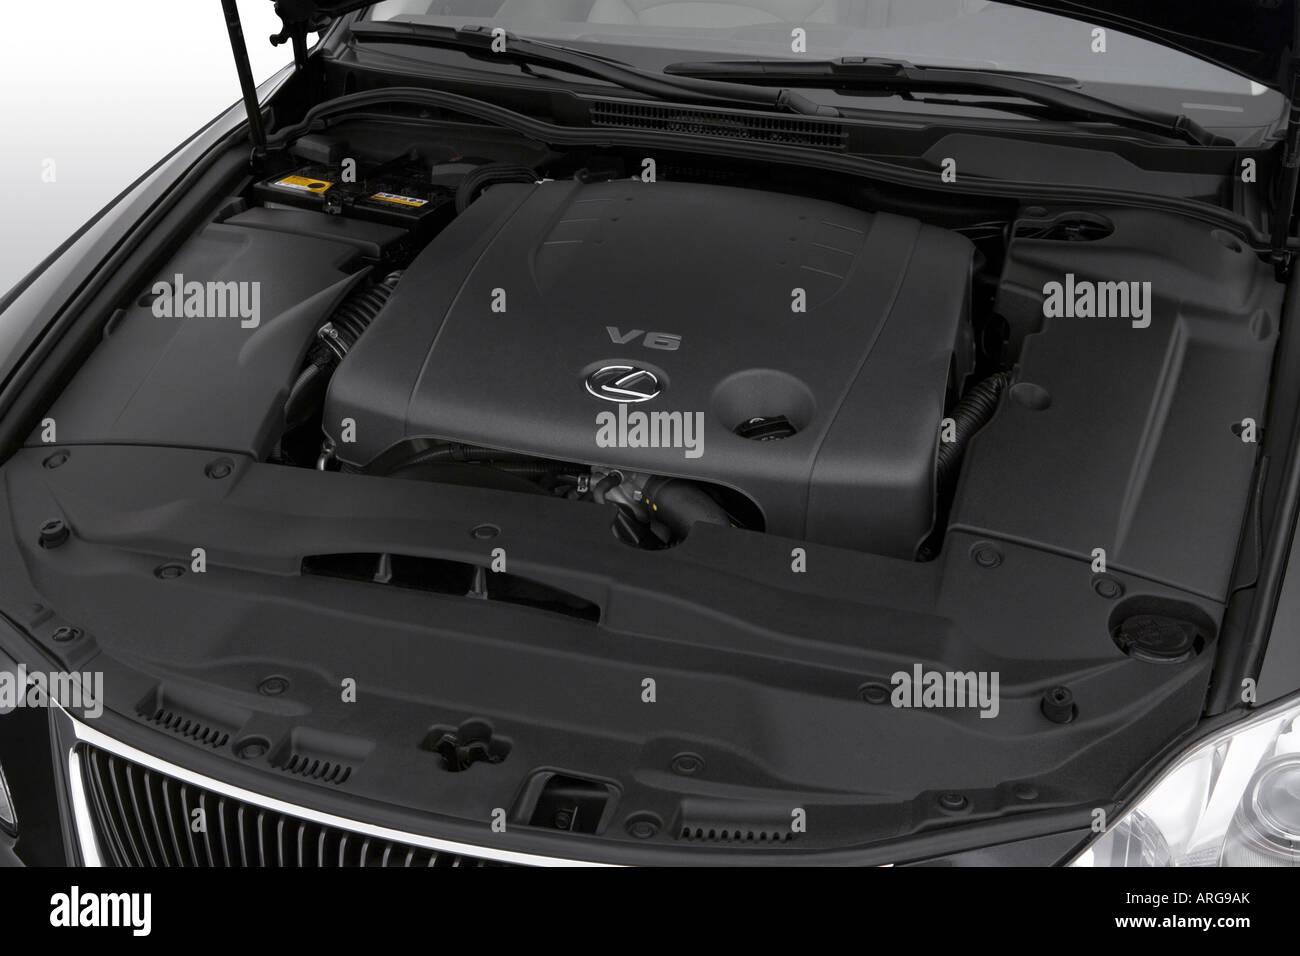 2007 lexus is 250 in black - engine stock photo: 16046922 - alamy